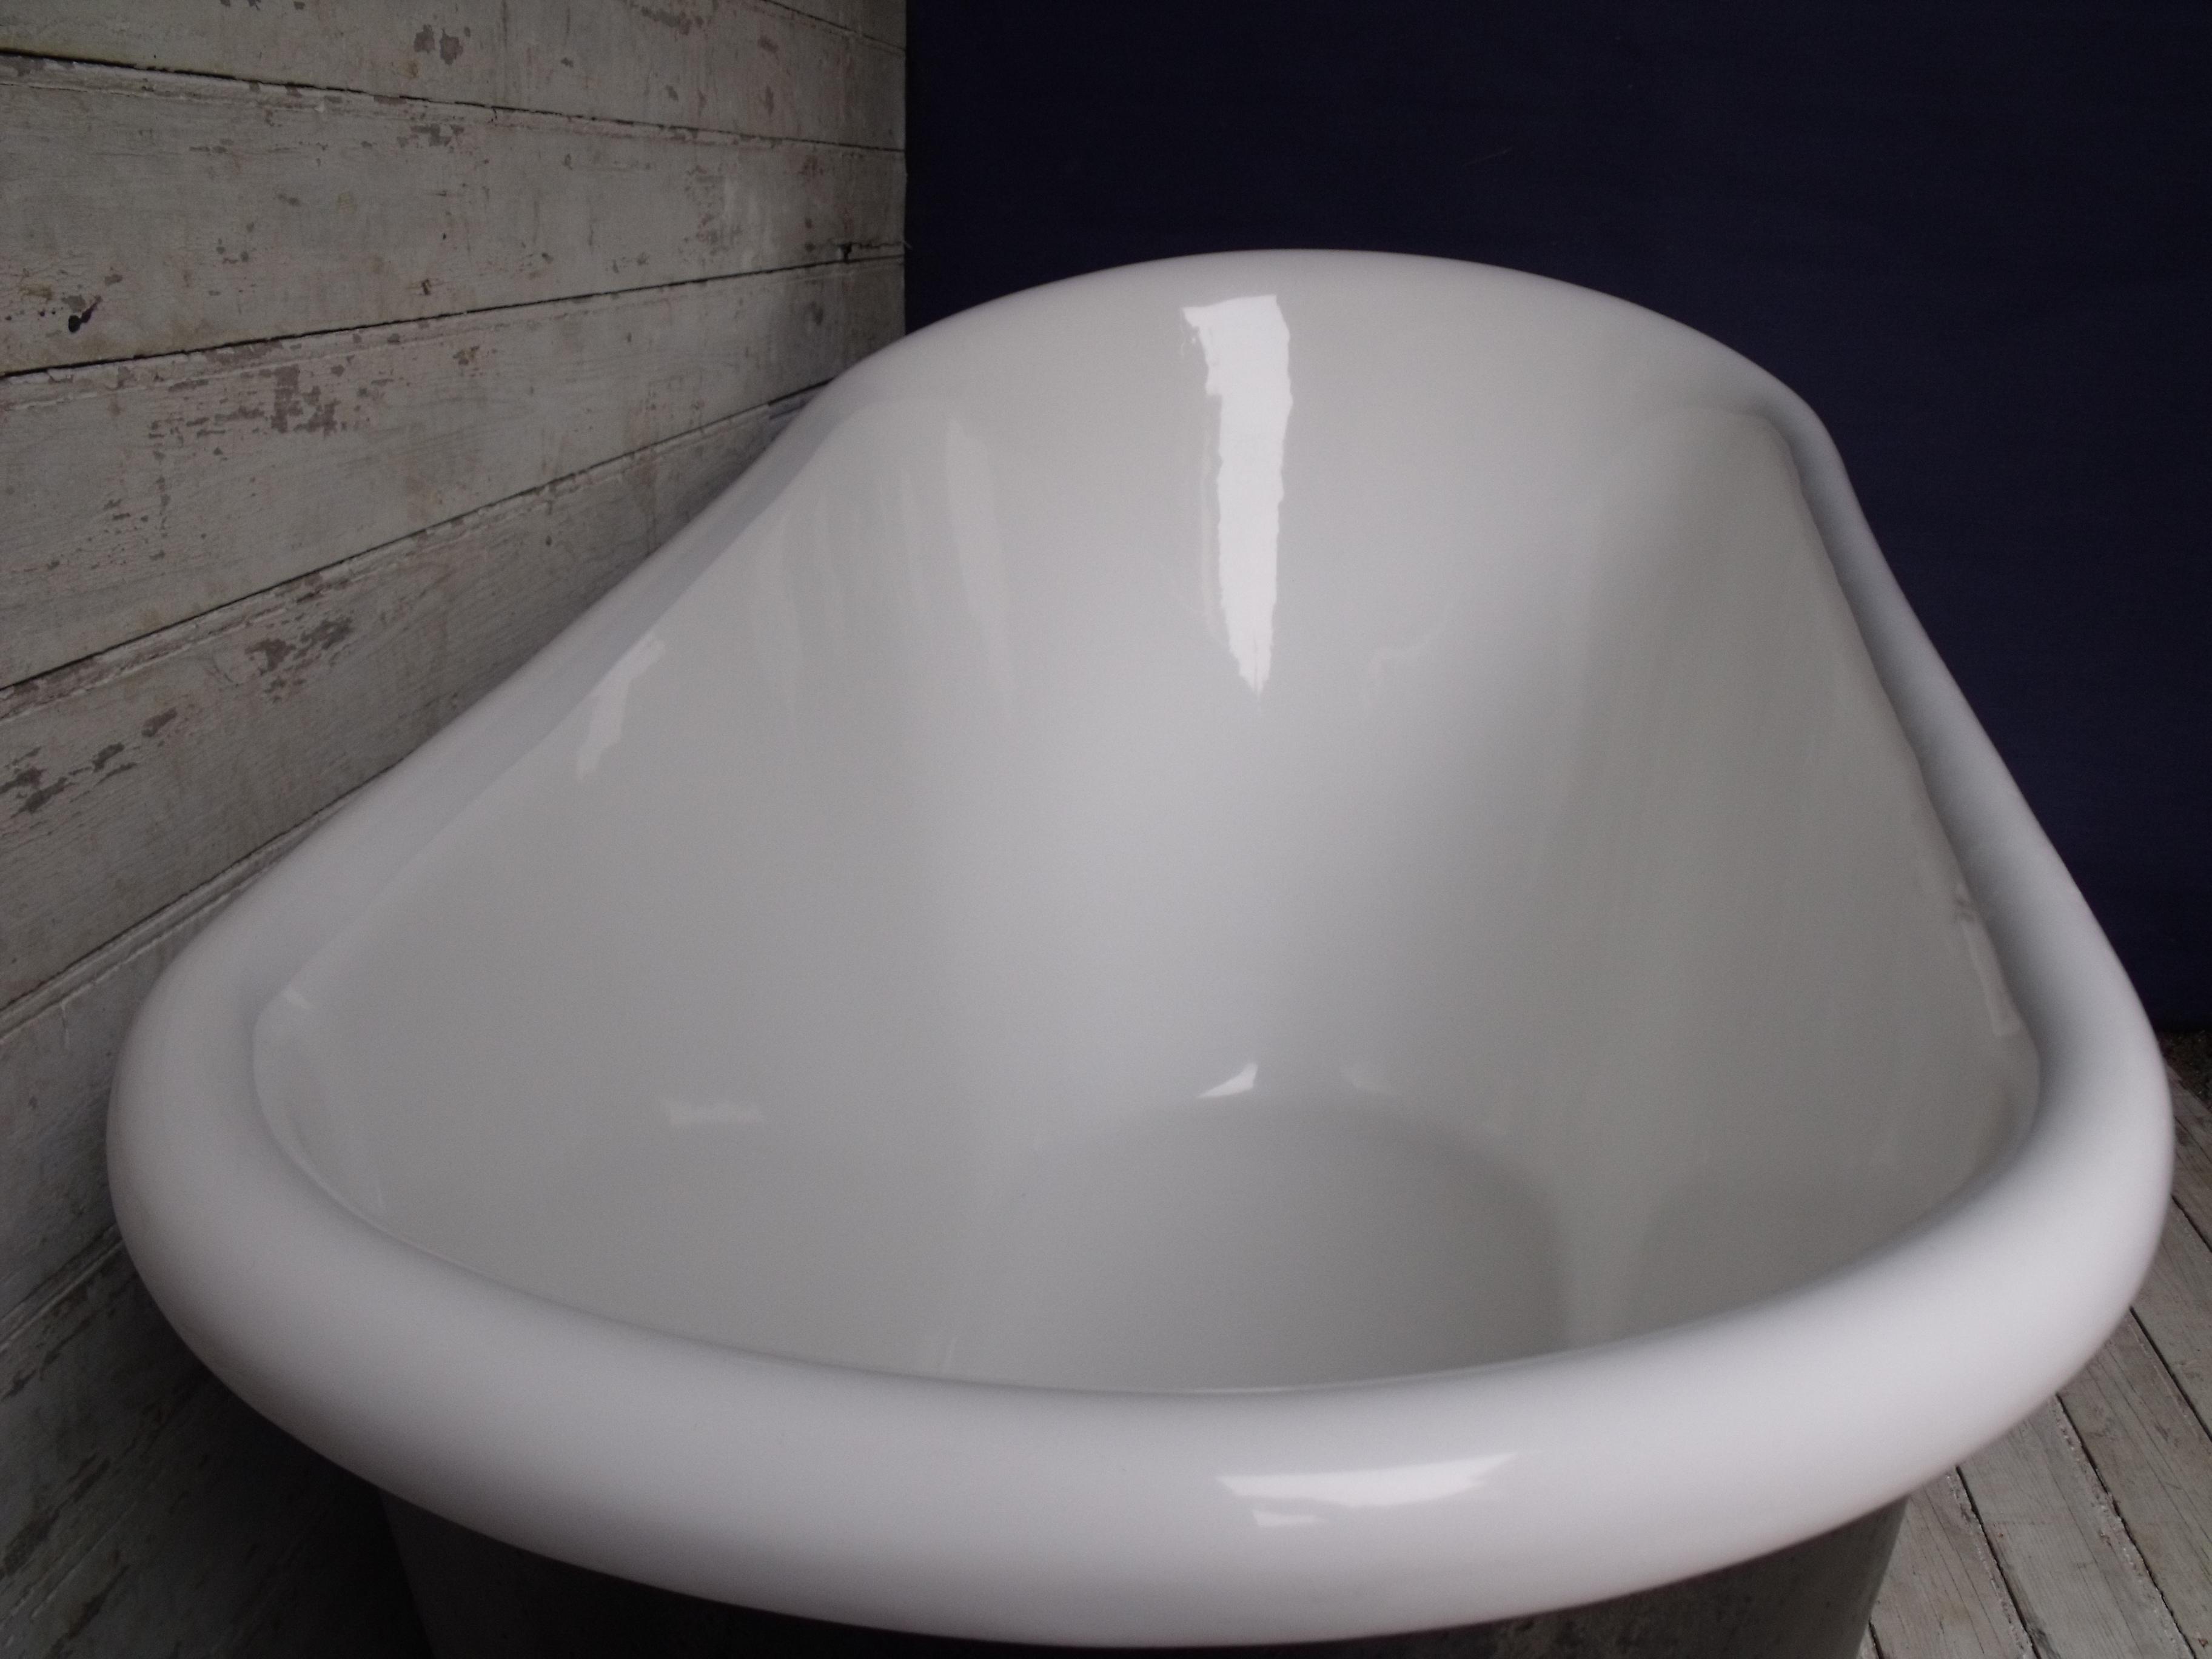 Comment Nettoyer Une Baignoire En Fonte Émaillée baignoires anciennes